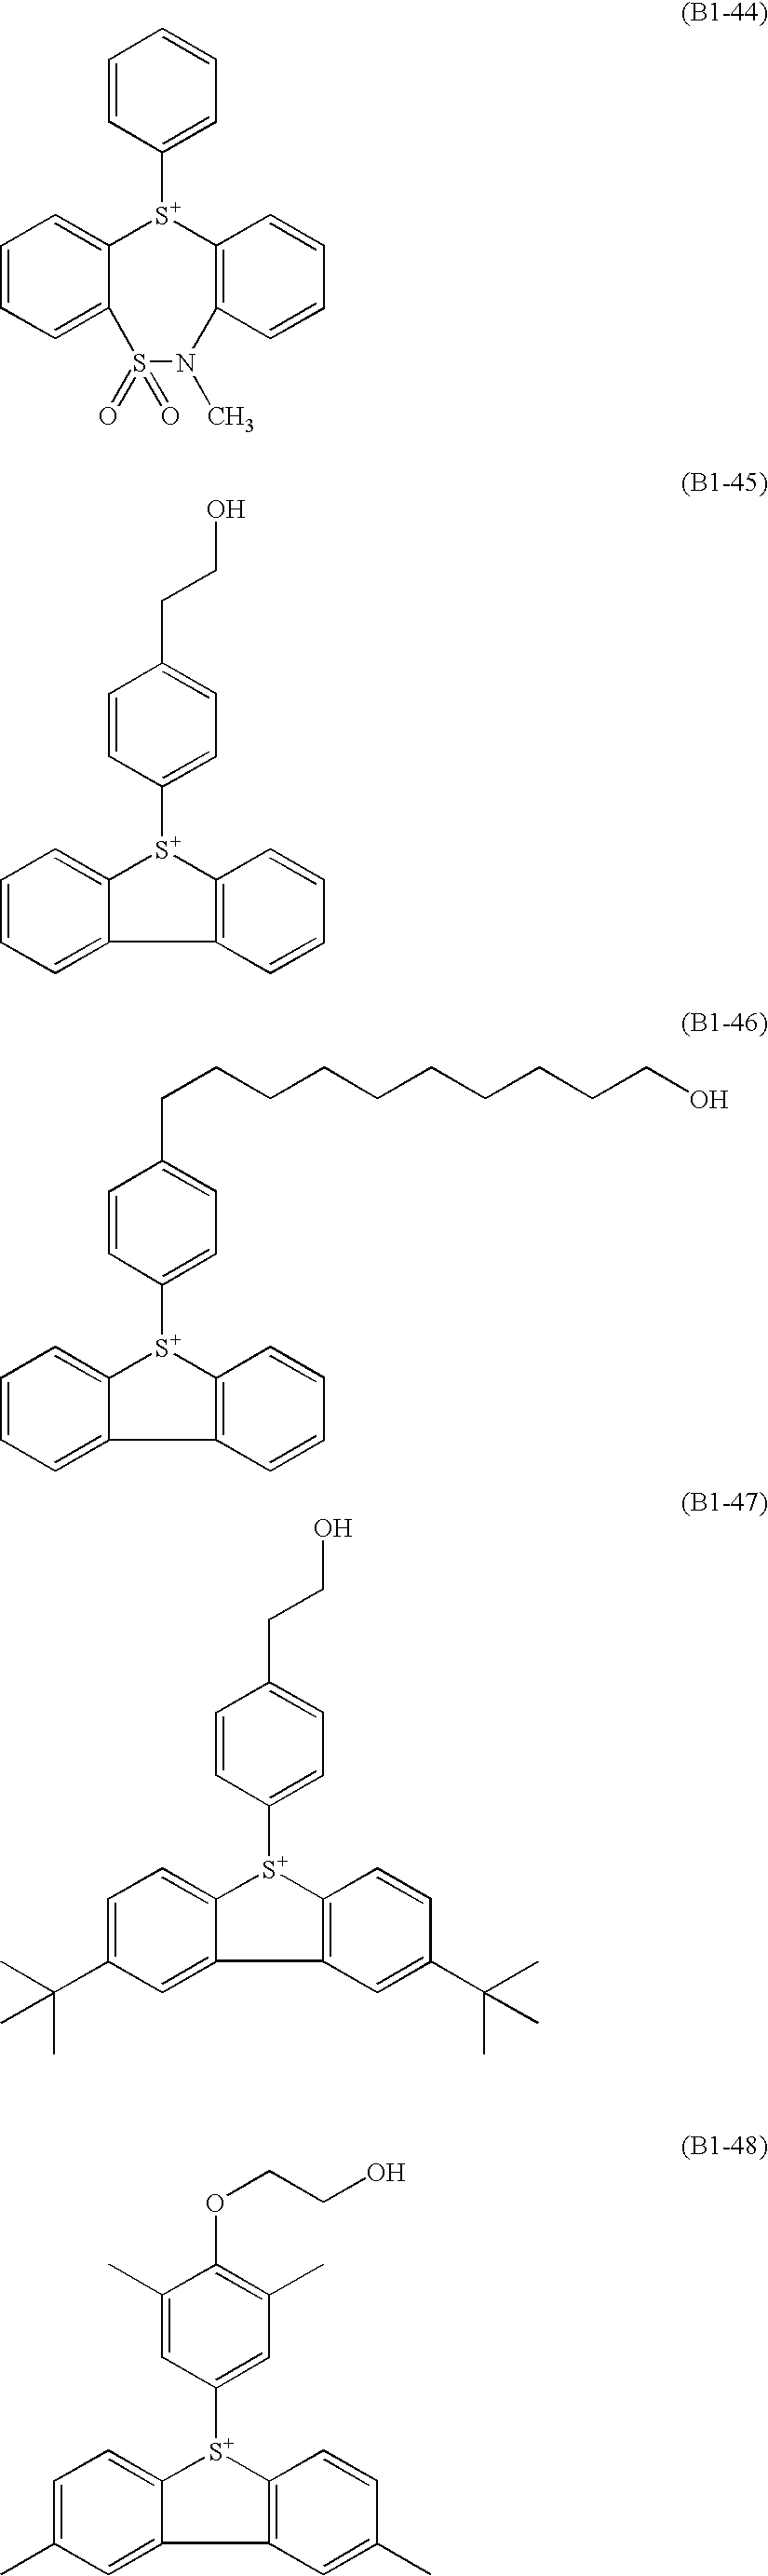 Figure US08852845-20141007-C00019